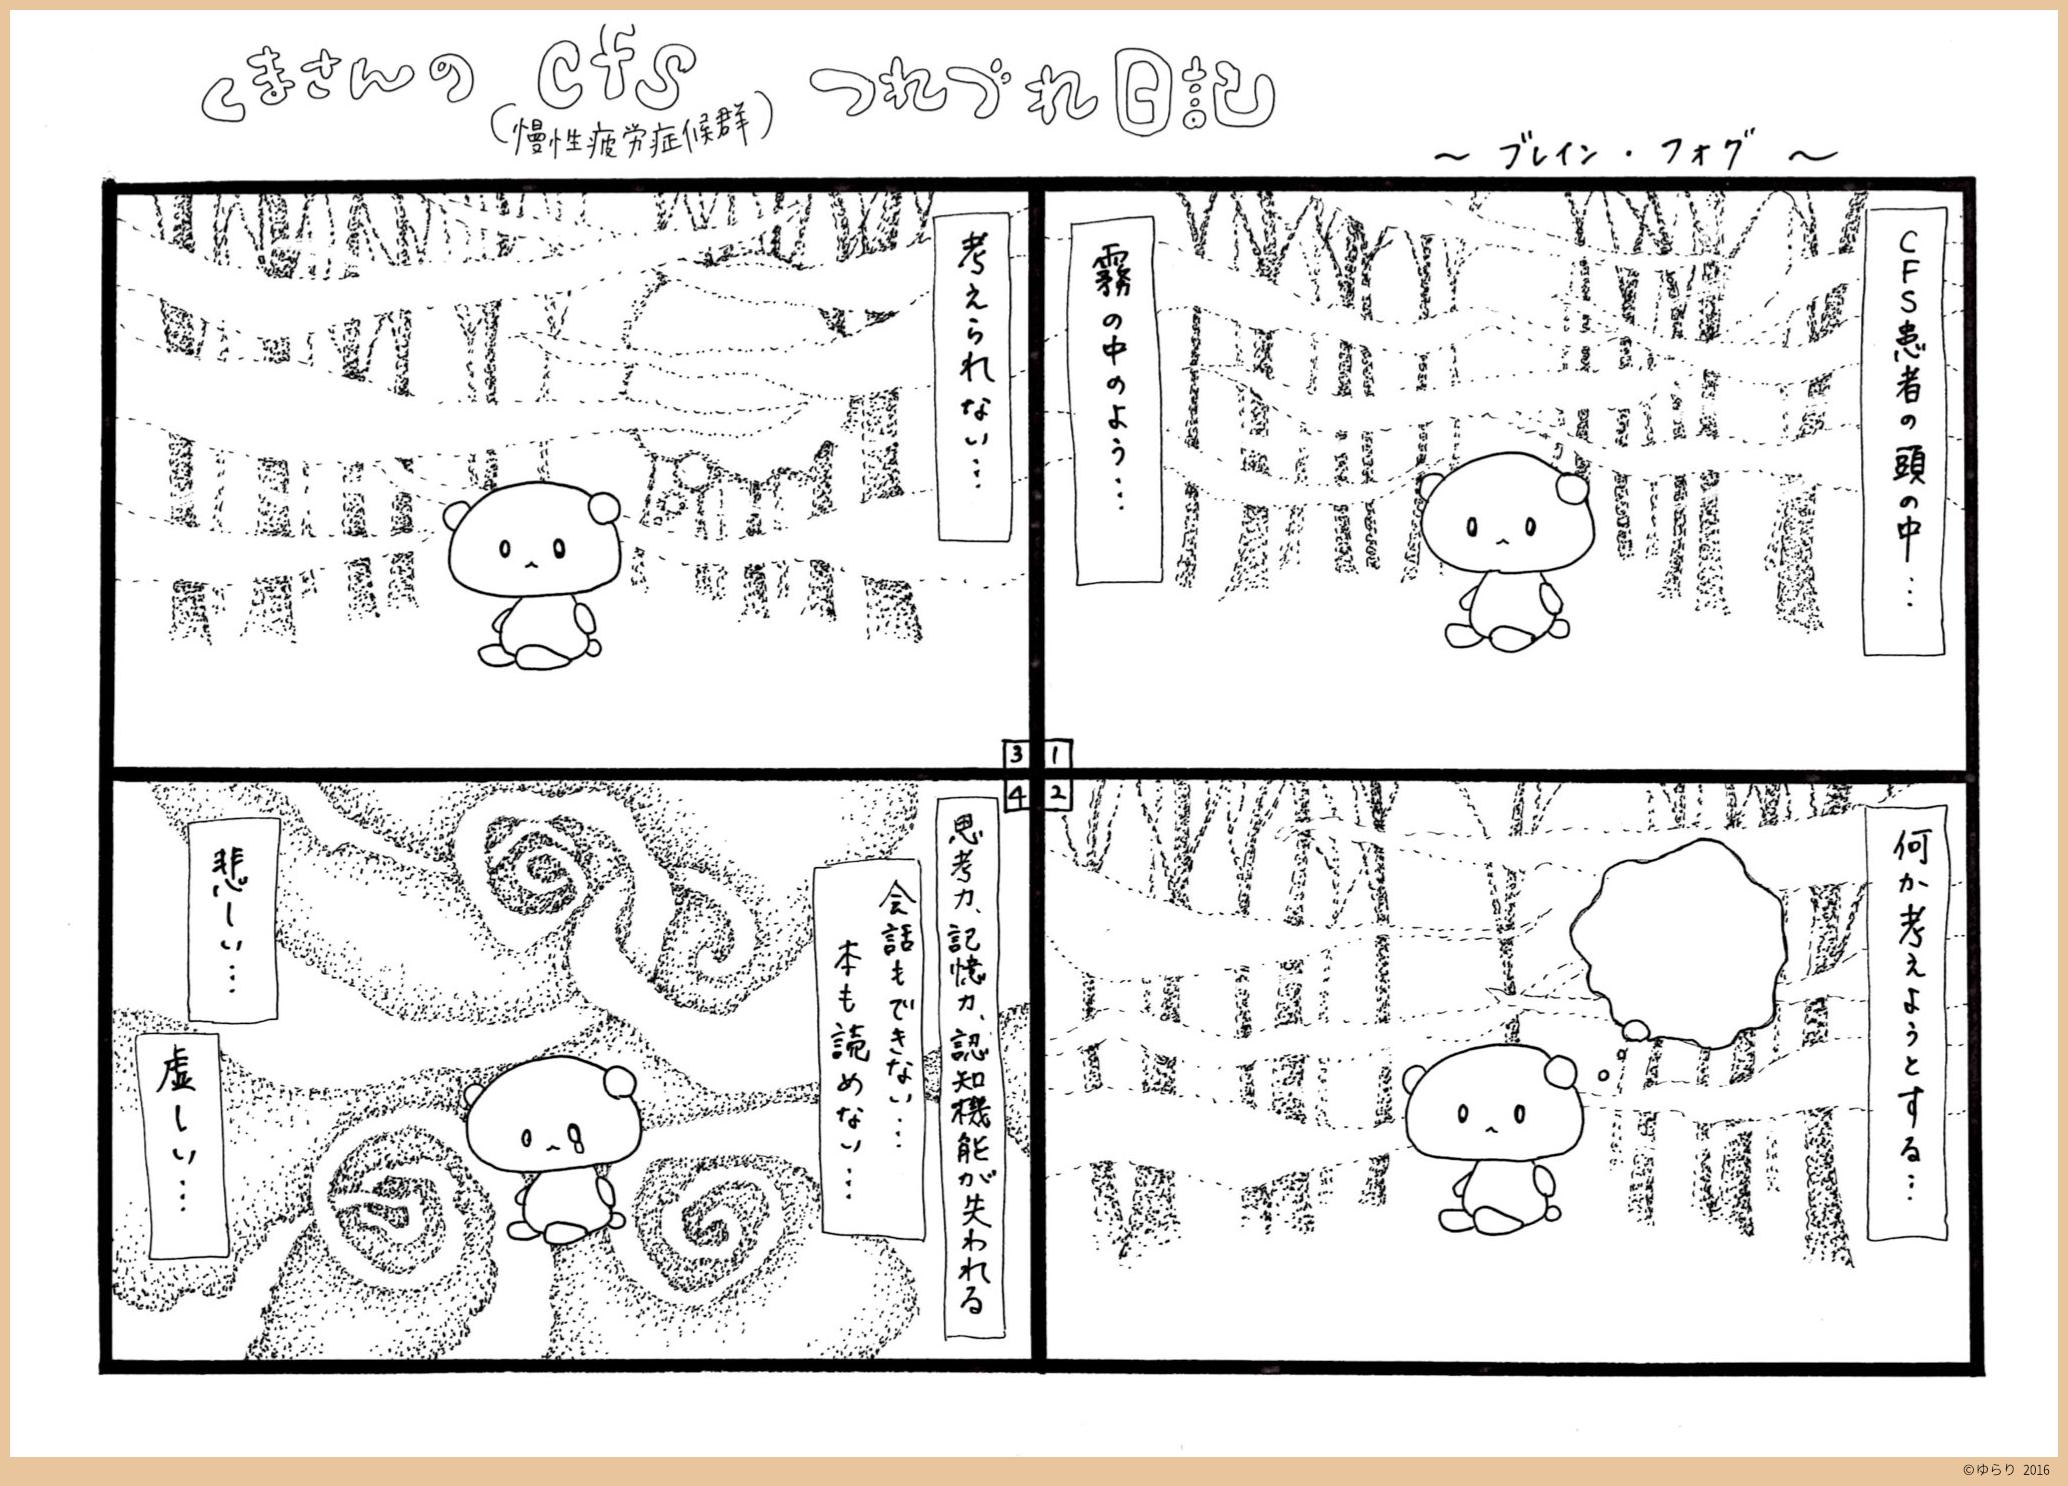 044_ブレインフォッグ_01